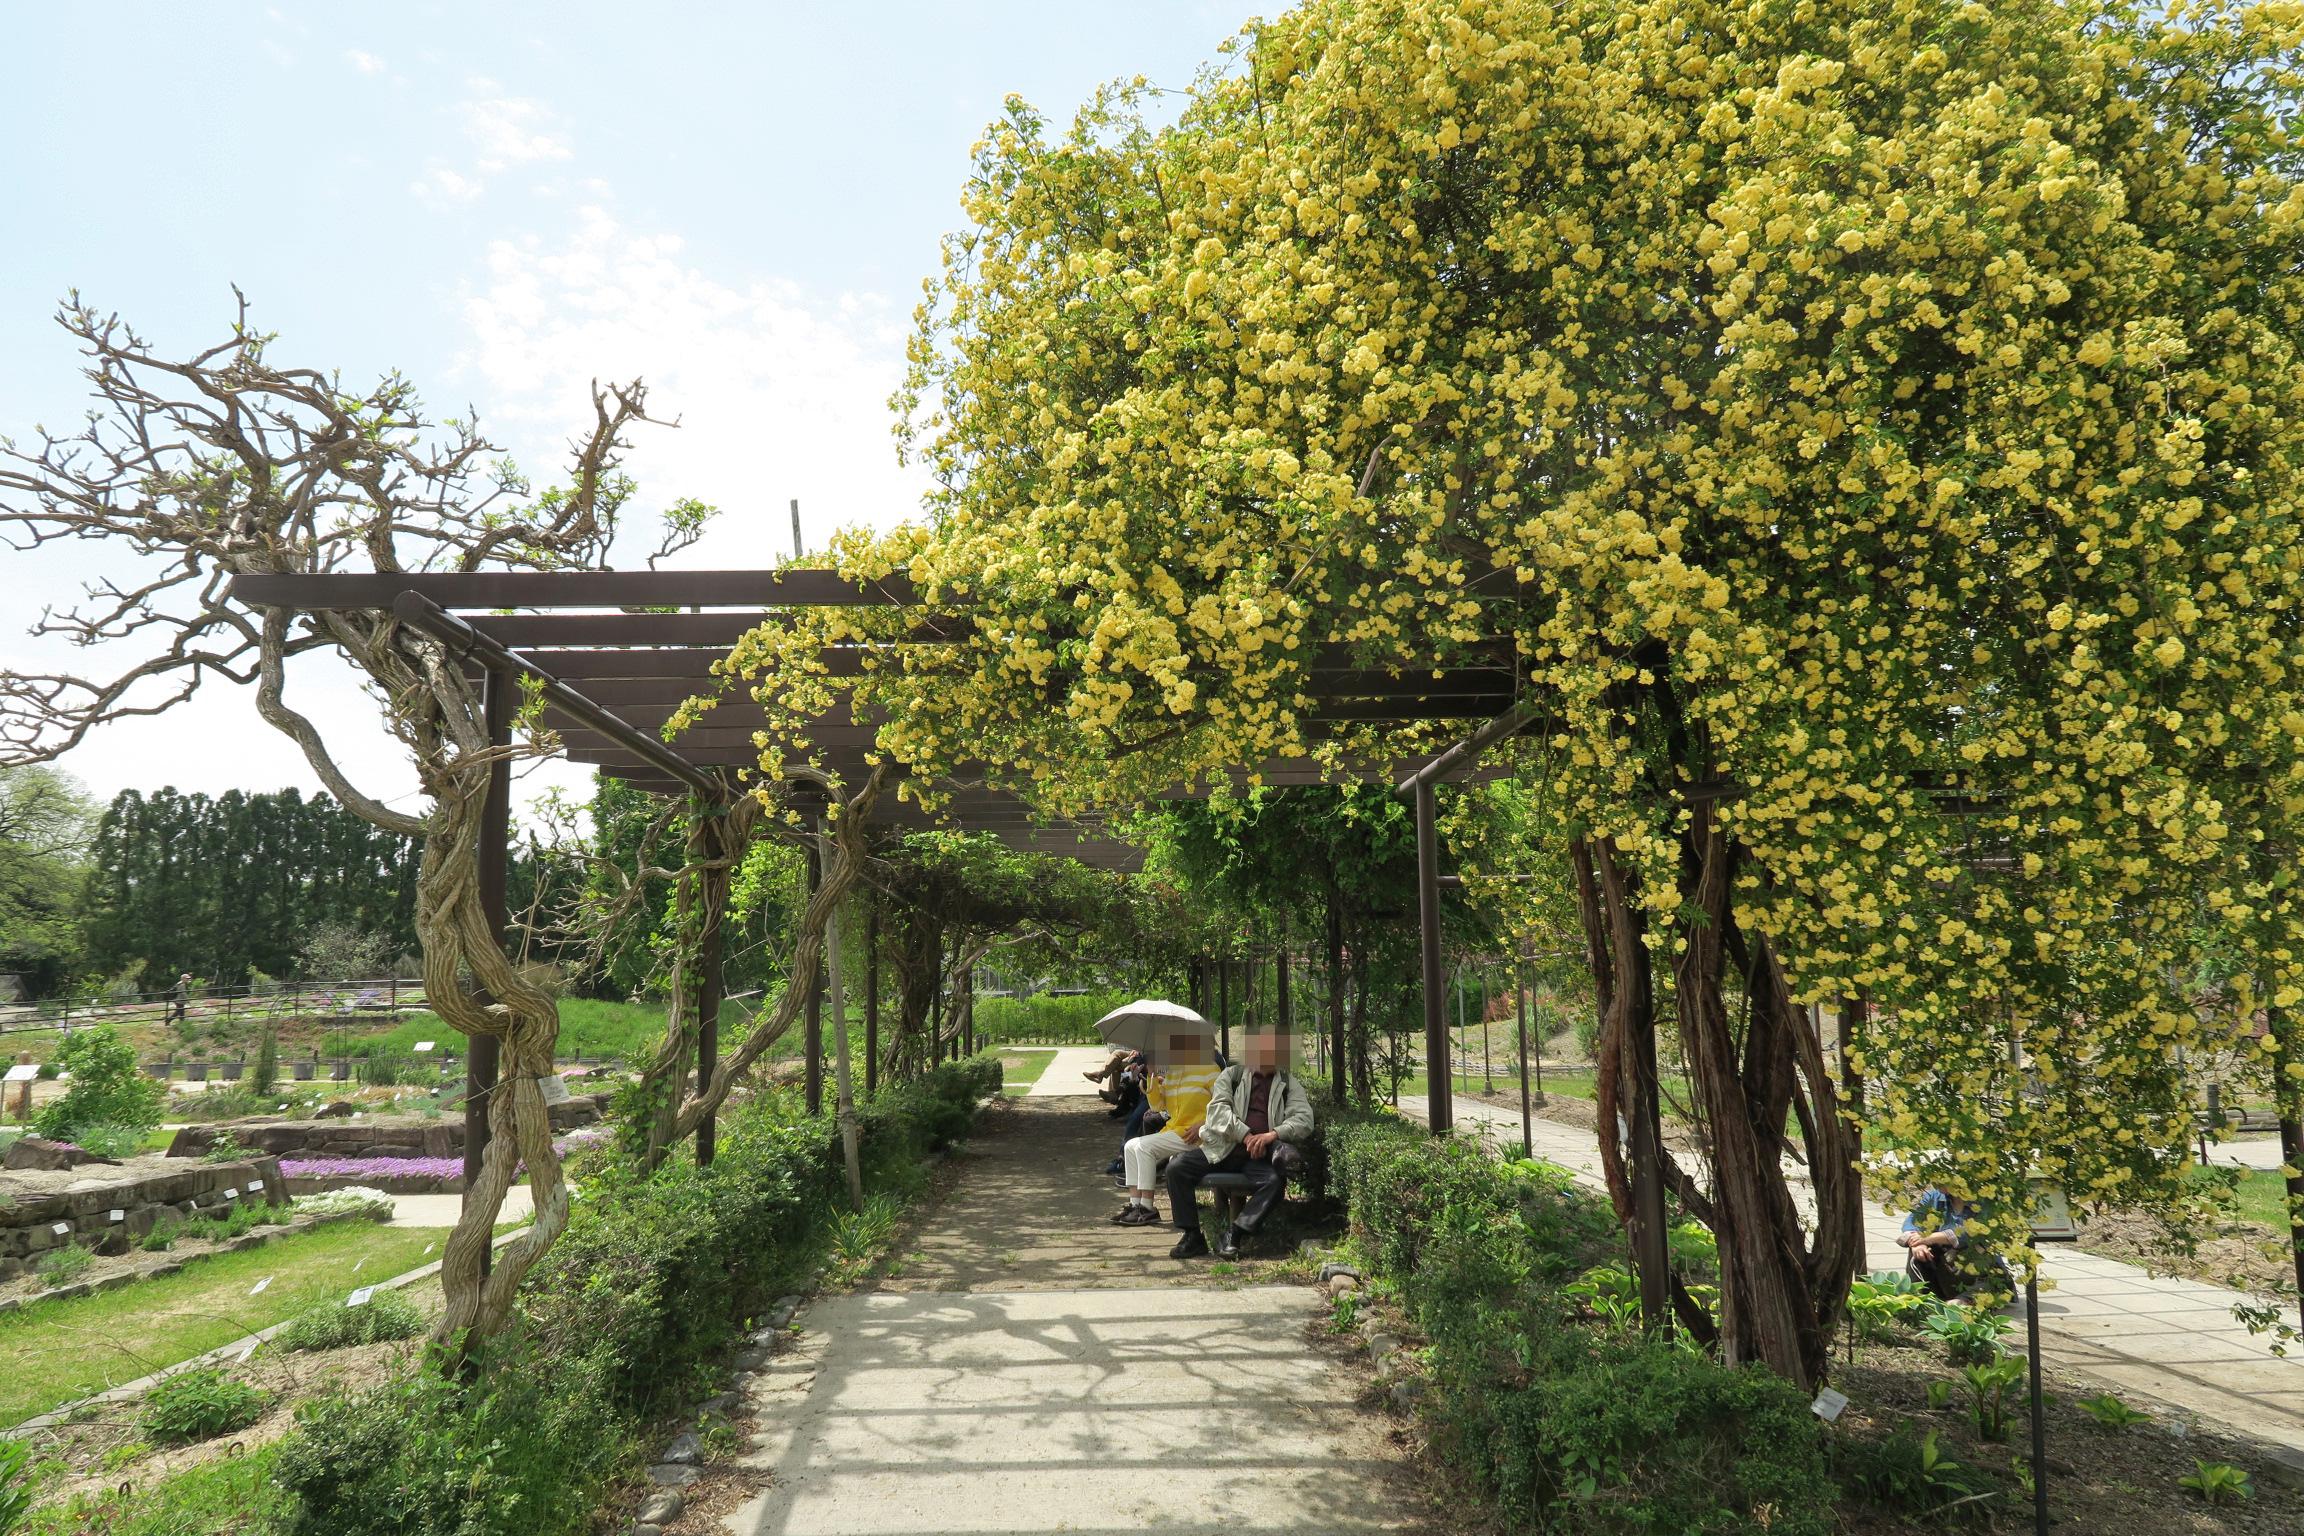 右側の黄色い花はモッコウバラというそうですが、木陰のベンチに座りながら眺めるのも良さそう。。。